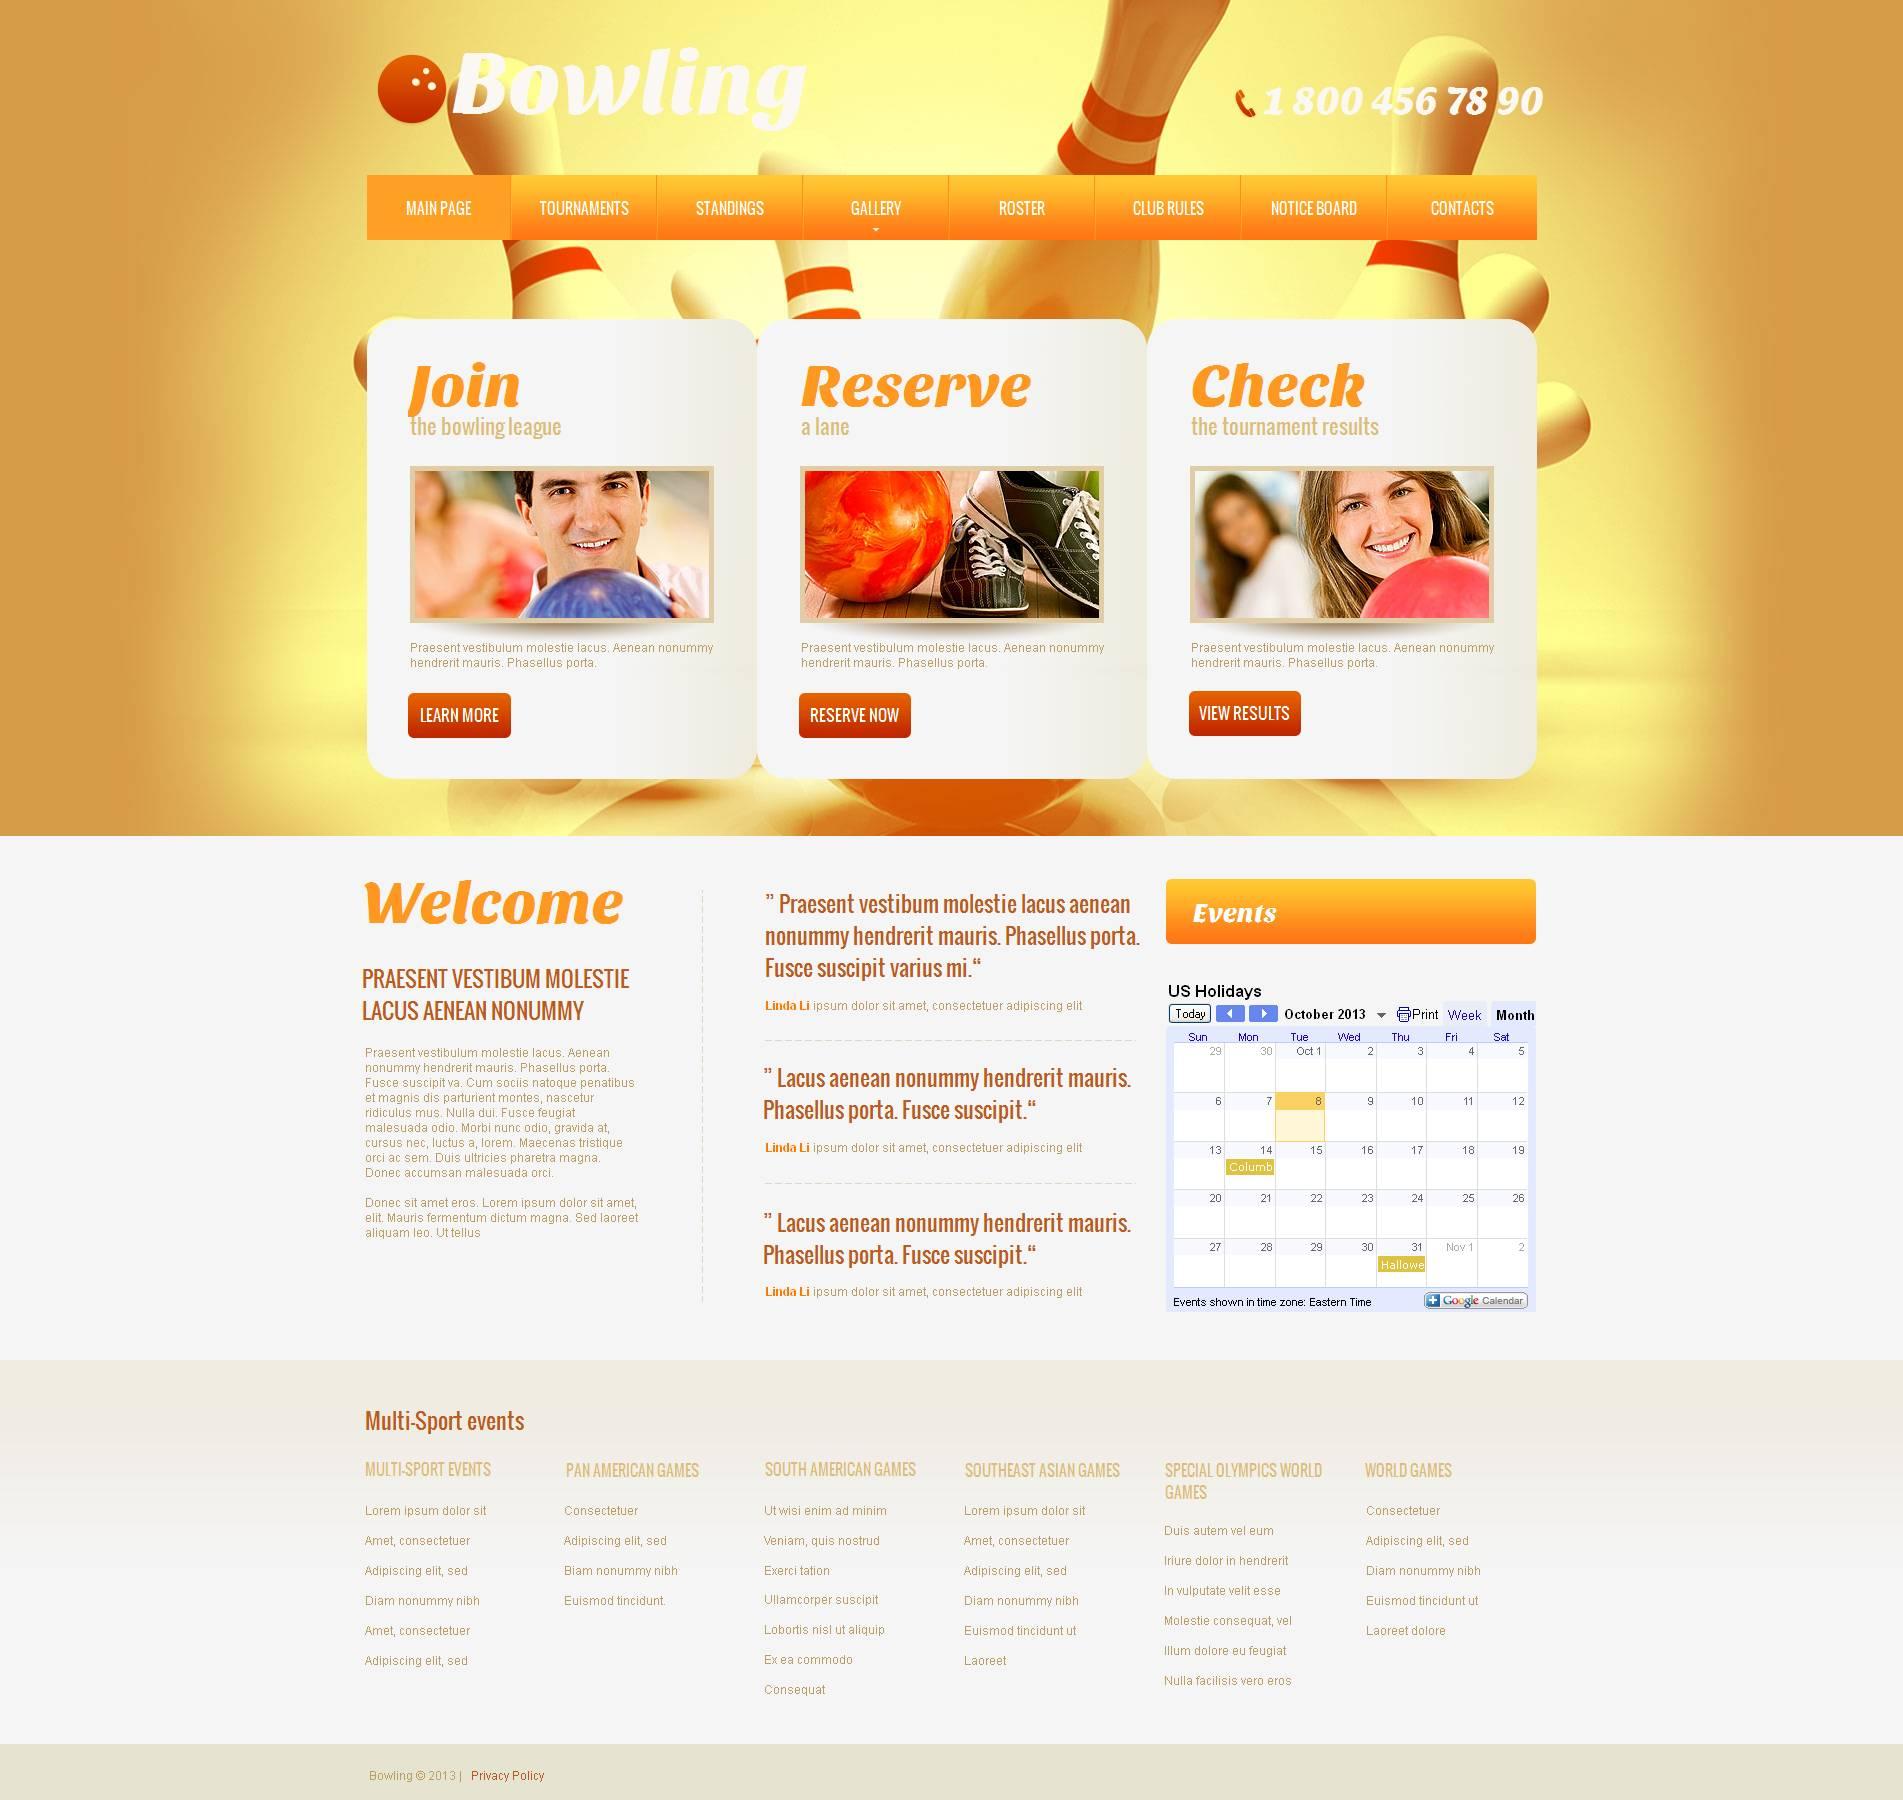 Modèle Moto CMS HTML Premium pour site de bowling #46745